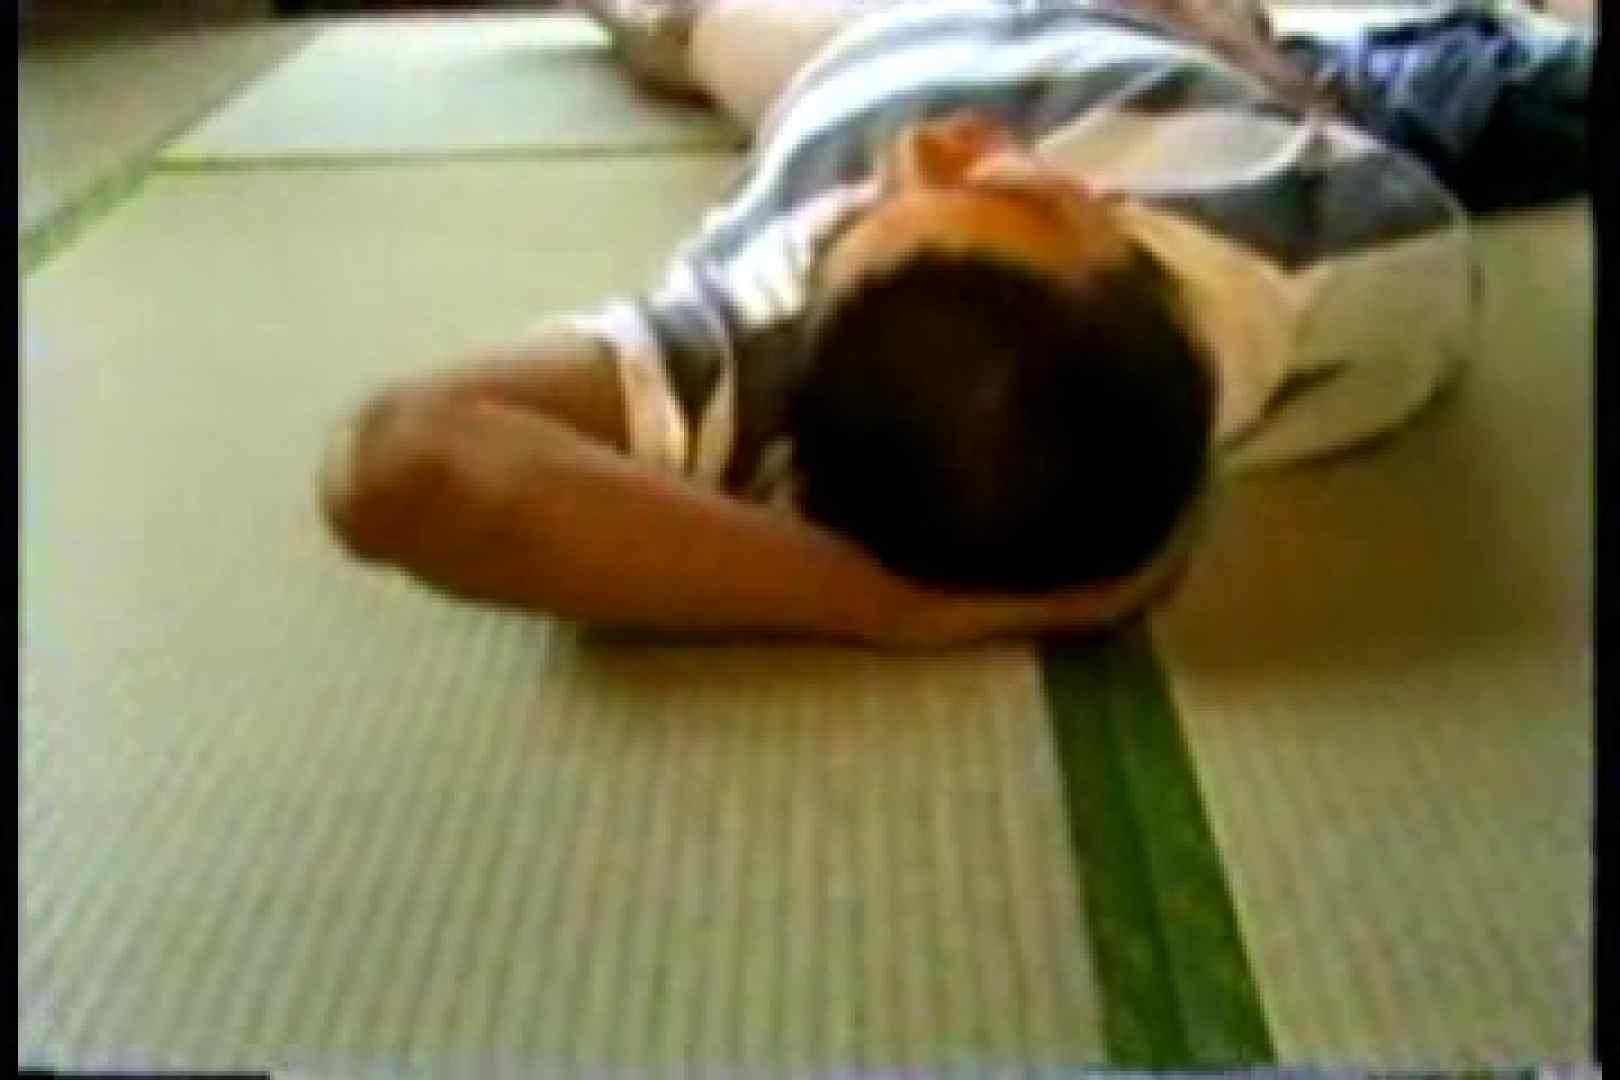 『ノンケ・スポーツマンシップとは・・・! ! 』 第8戦 マッチョ 亀頭もろ画像 73枚 52